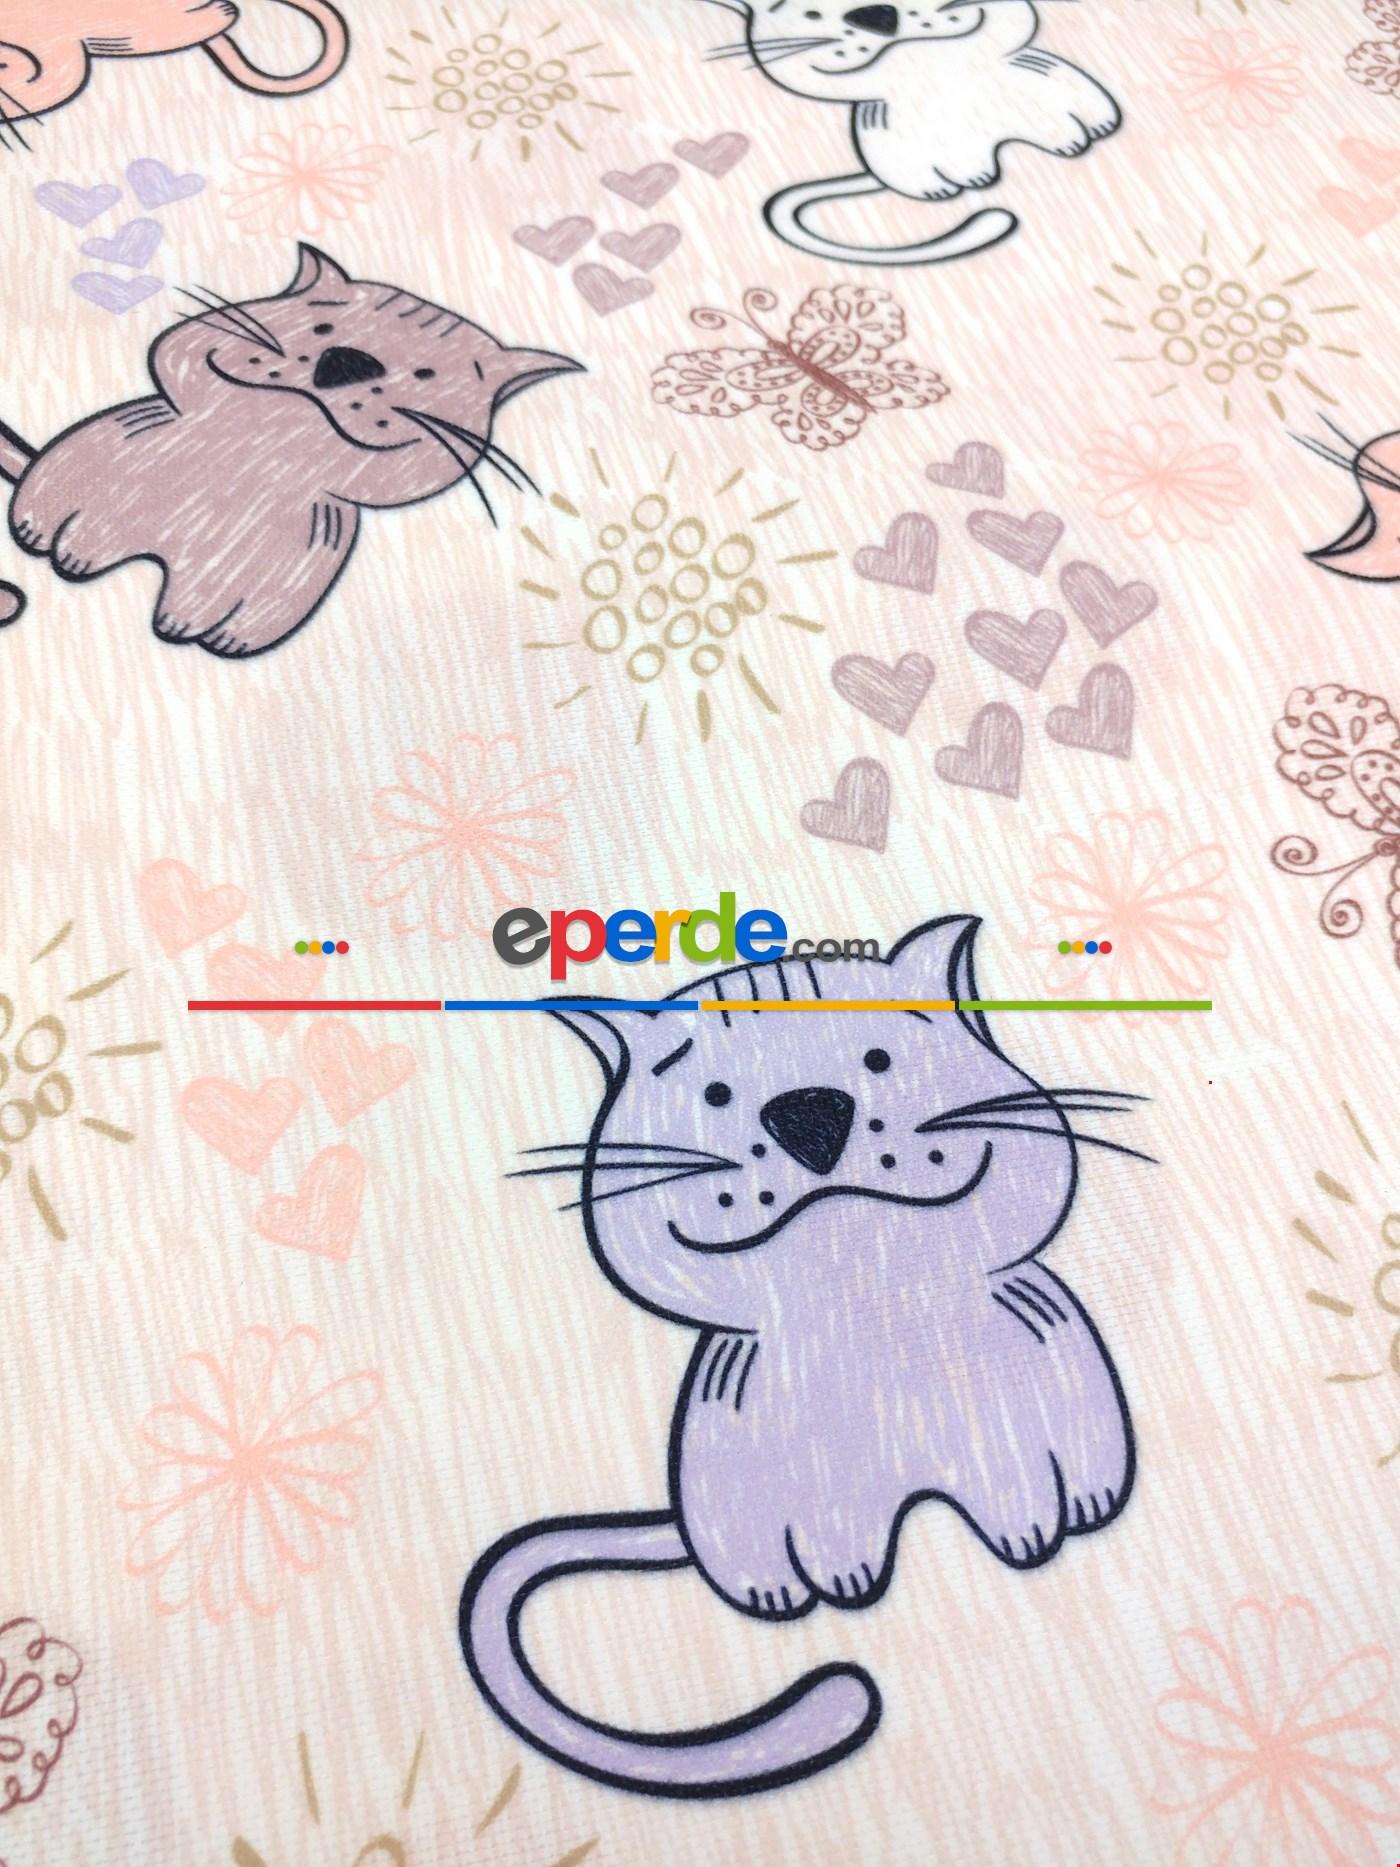 Metre İle Dikişsiz Kumaş - Kedicikler Desenli Çocuk Odası Fon Perde